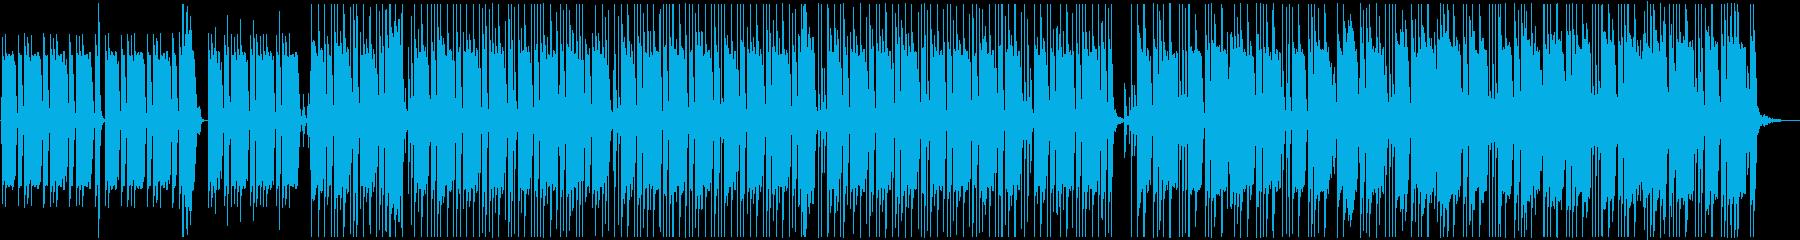 サービスの解説、説明映像に合うBGMの再生済みの波形